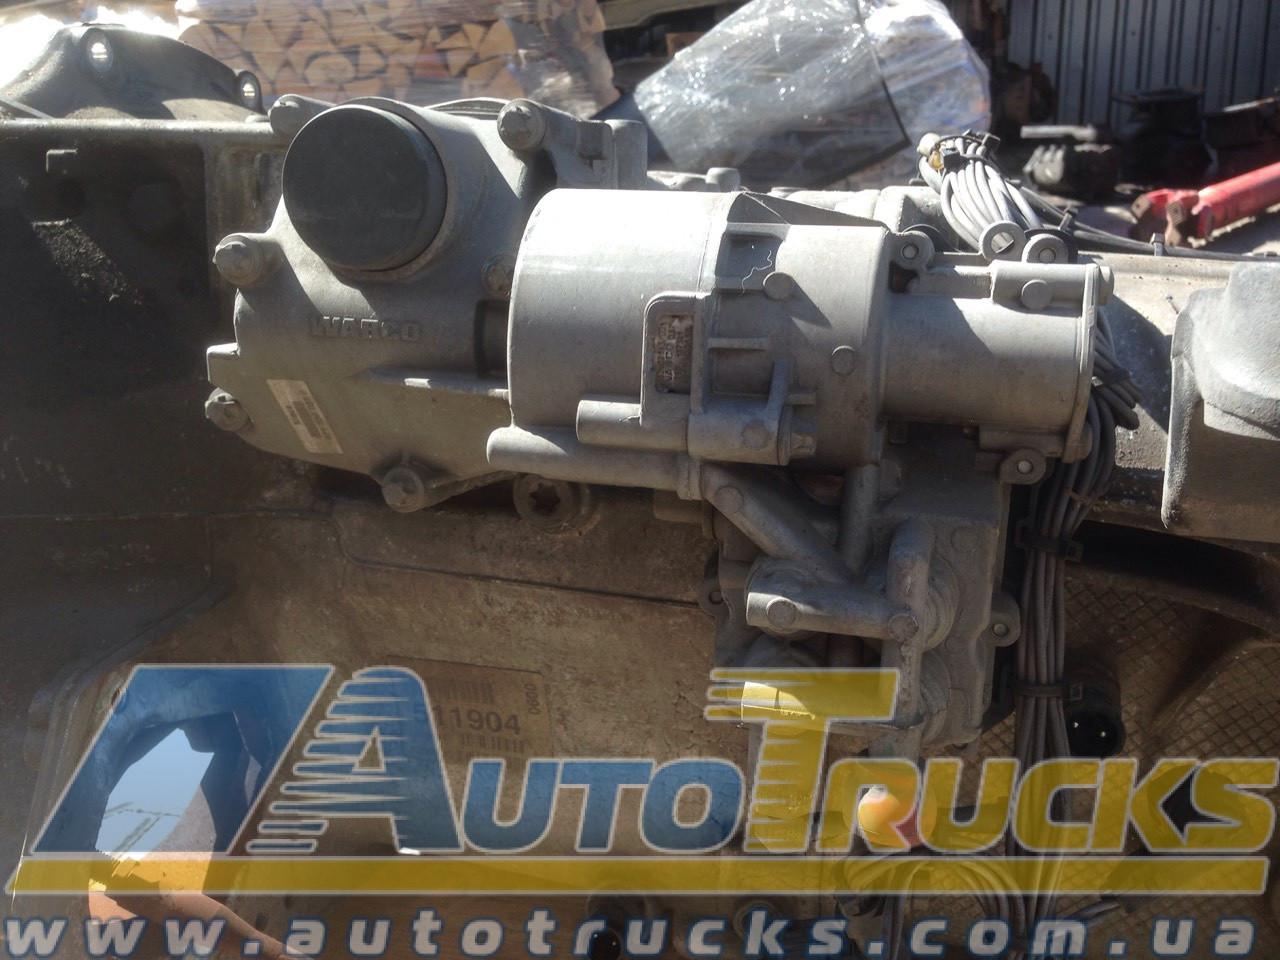 Блок управления переключателем передач G211-12 KL Б/у для Mercedes-Benz Axor (0032602163; 0032602001; 4213500850)